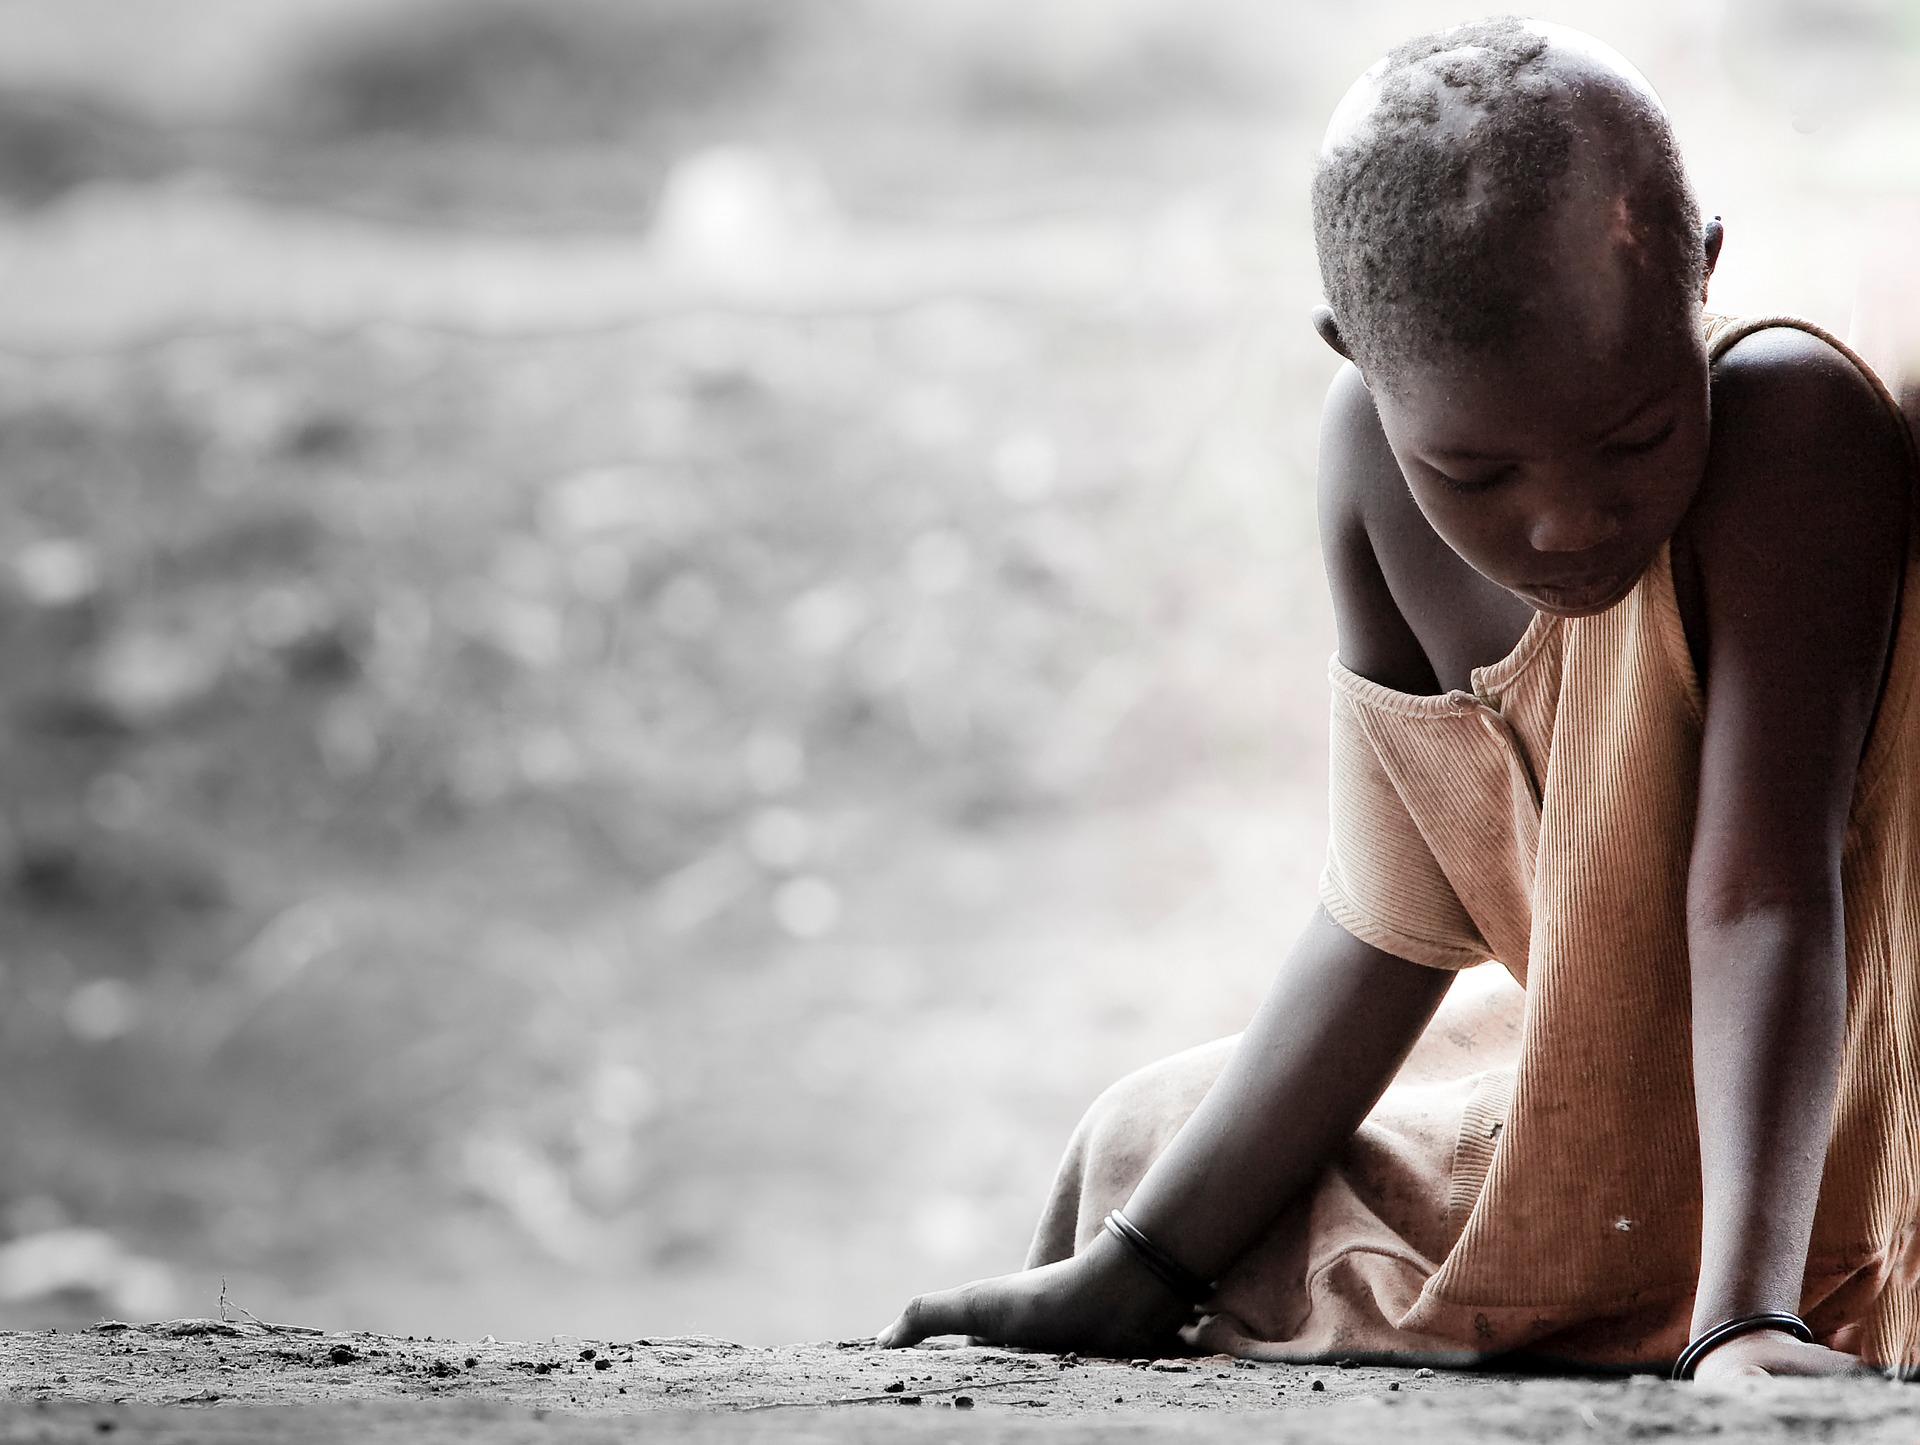 Svijet bez siromaštva